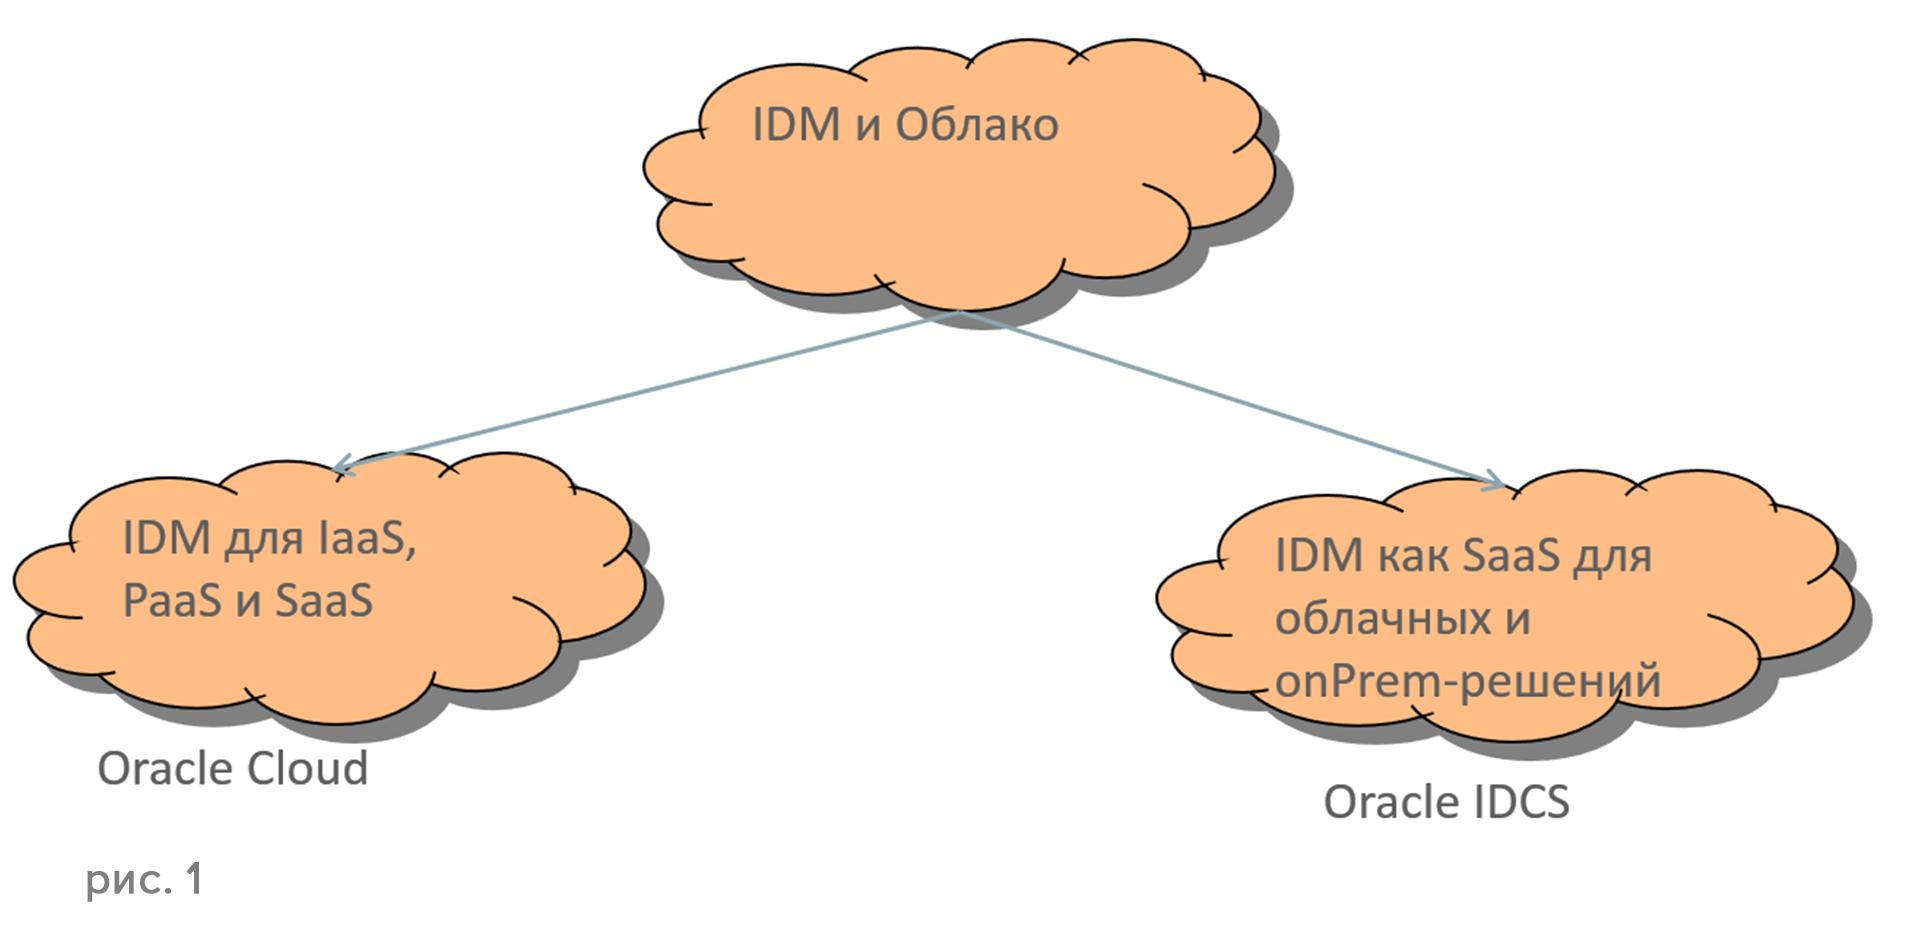 Identity Cloud Services — новое поколение идентификационных сервисов - 2